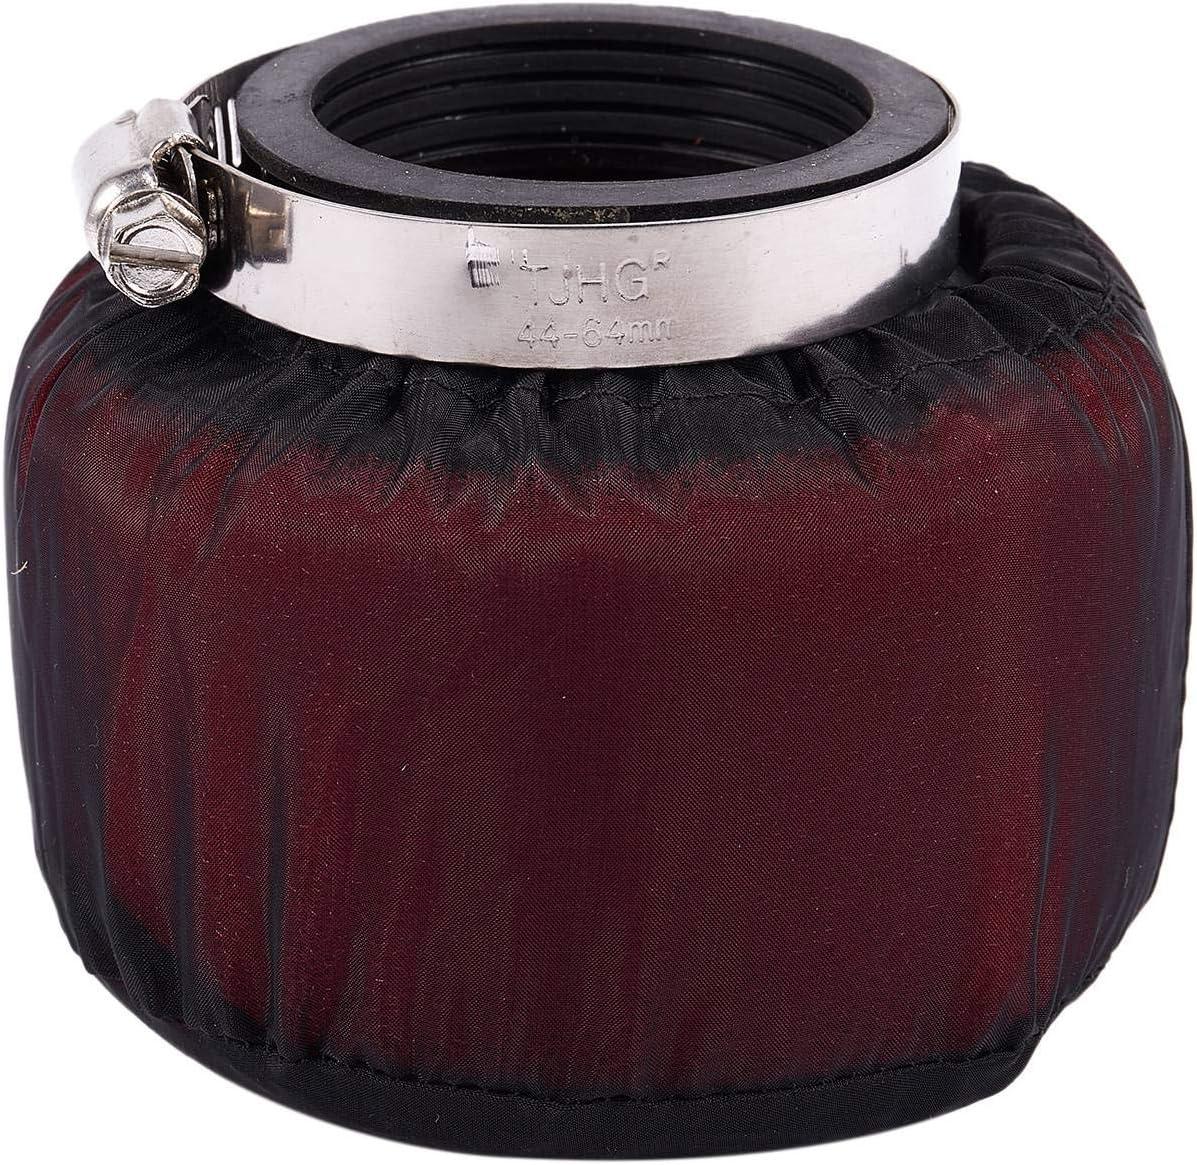 Esponja para filtro de aire de espuma y cuello curvado para ciclomotores kayo color rojo Cuasting BSE scooters 48 mm motos